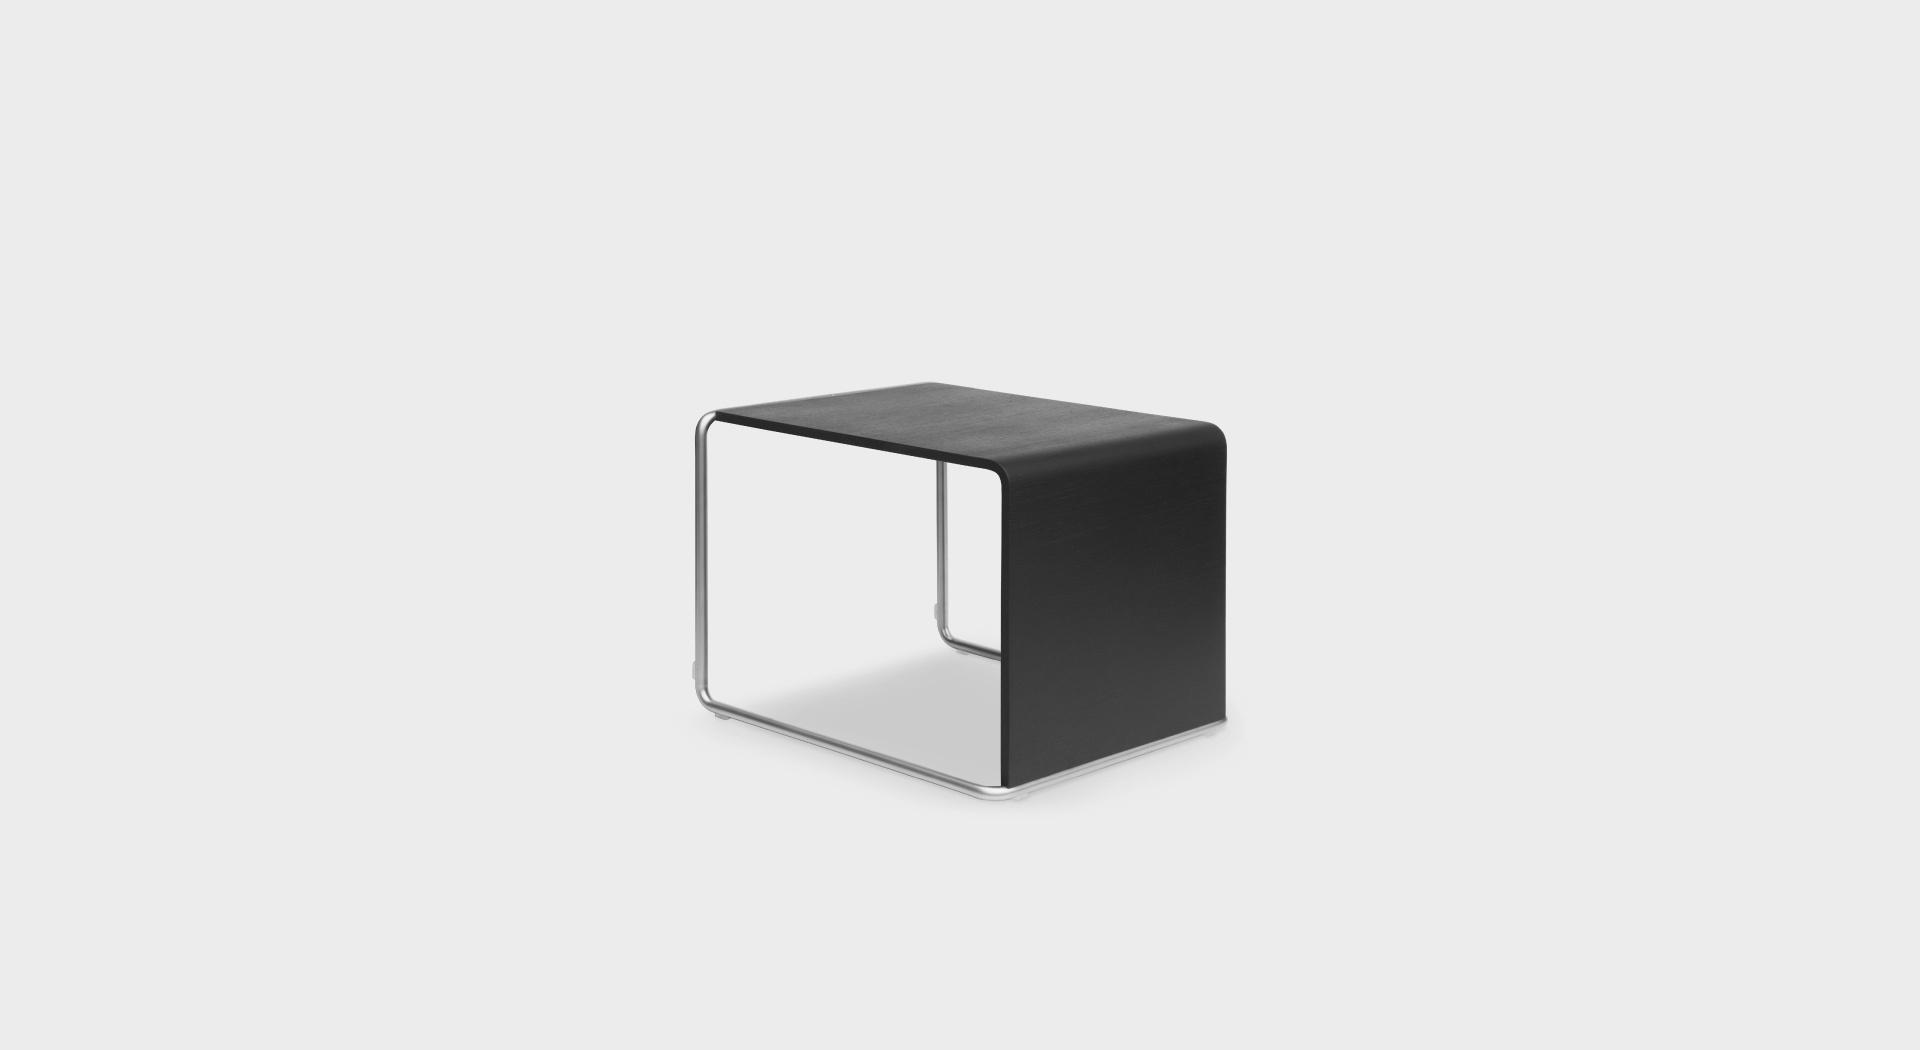 Ueno T50 Designer Small Table Stool Minimalist Shape